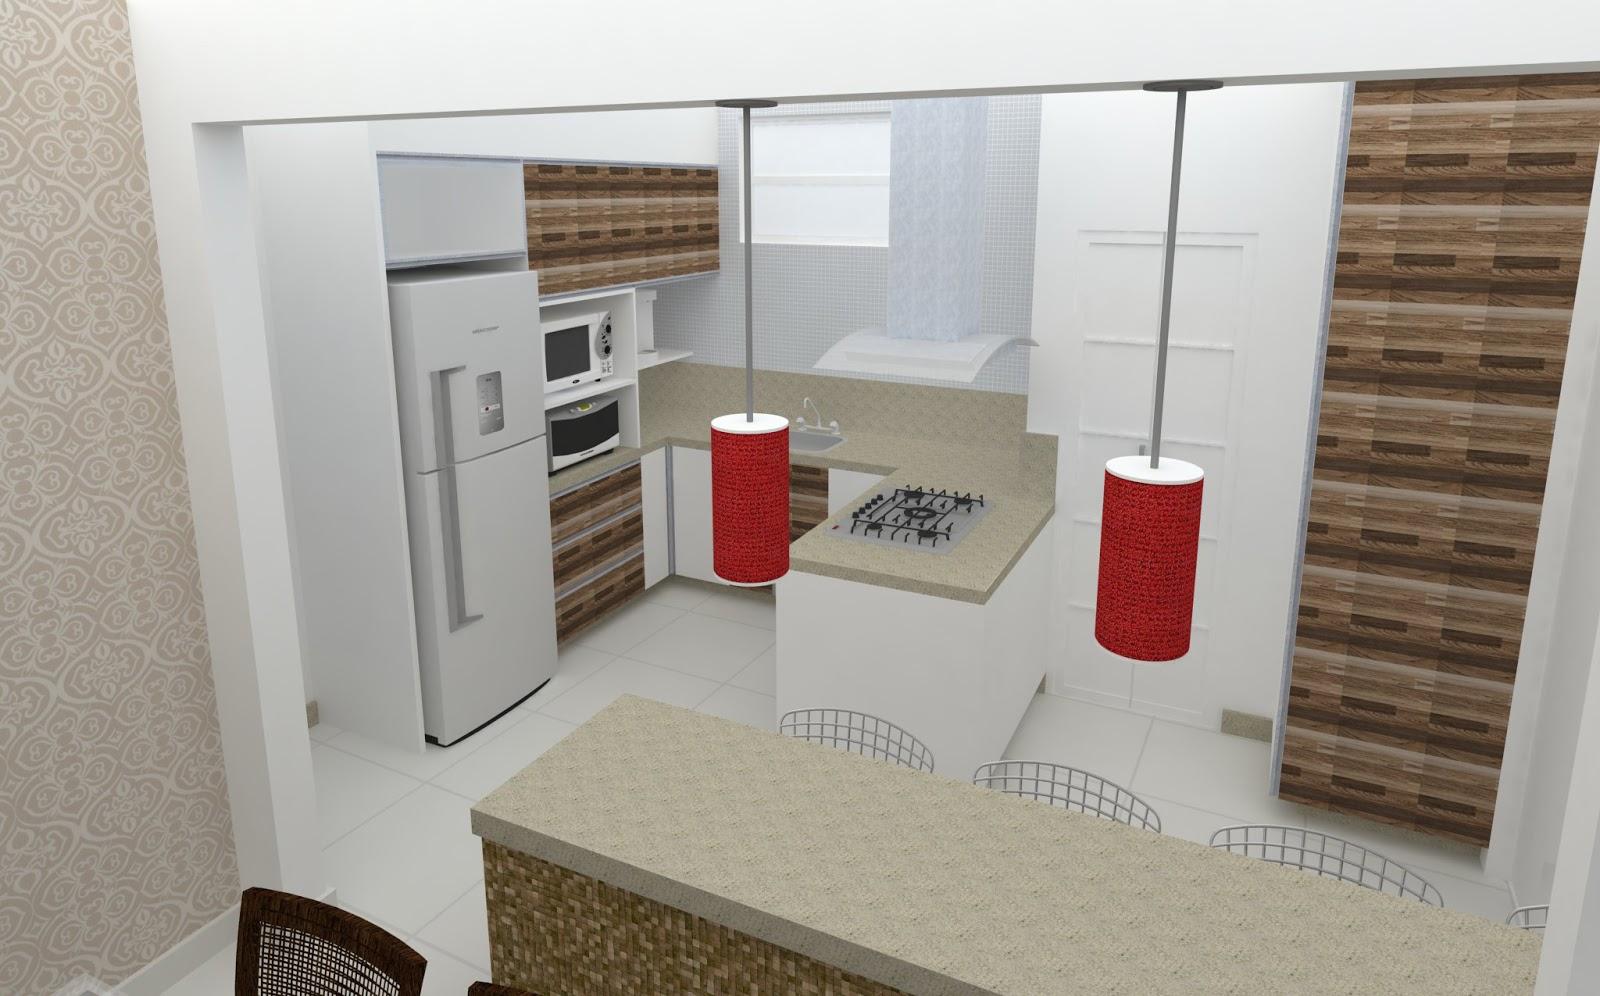 de Interior Refoma Cozinha /Lavanderia/ Sala de Jantar e Sala de #6B3F30 1600 996